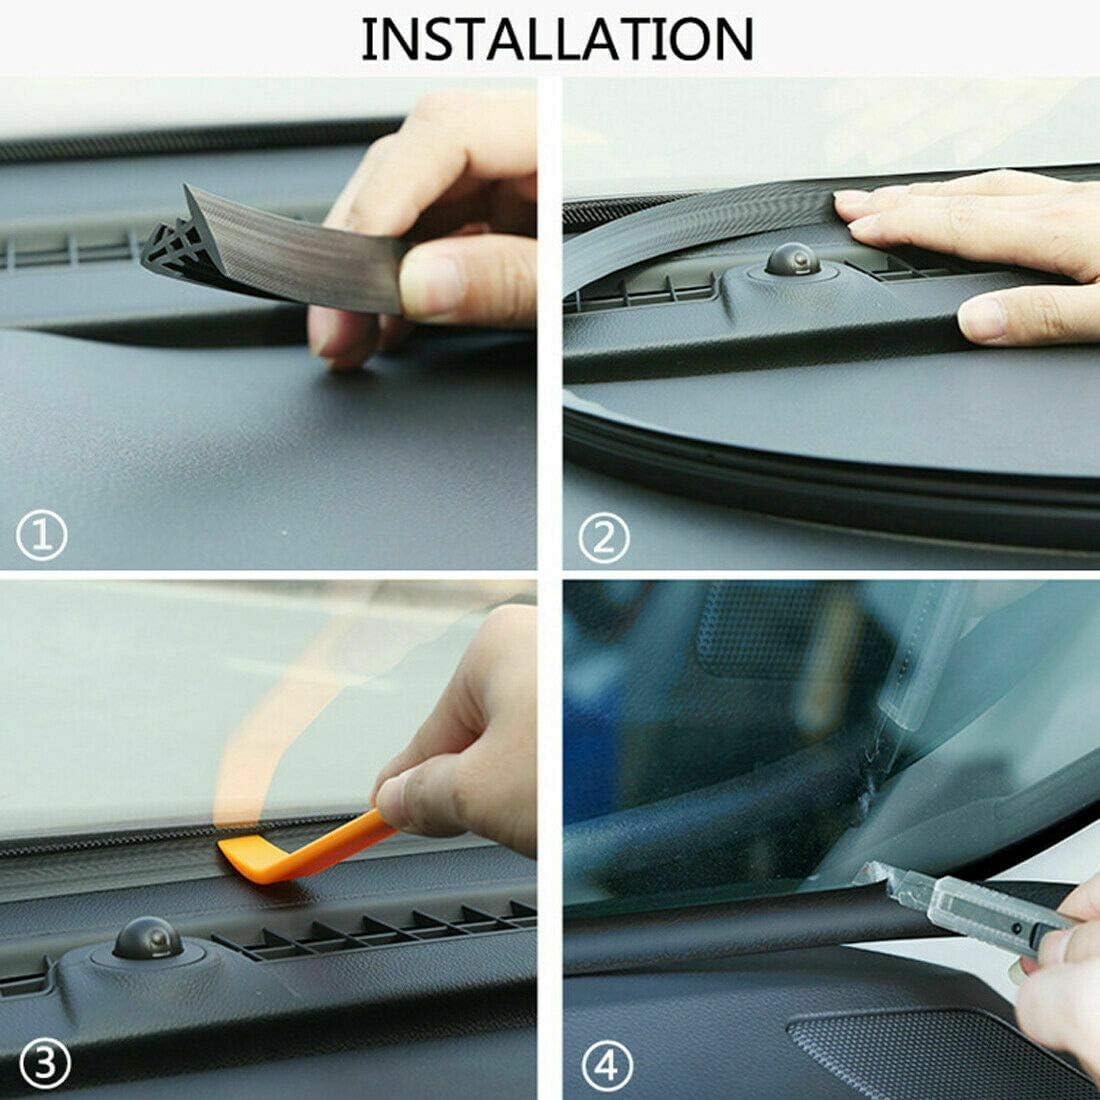 a prueba de polvo y al polvo borde de goma negro ajuste de parabrisas de coche para aislamiento de ruido resistente al viento Tira de sellado de coche de 1,6 m